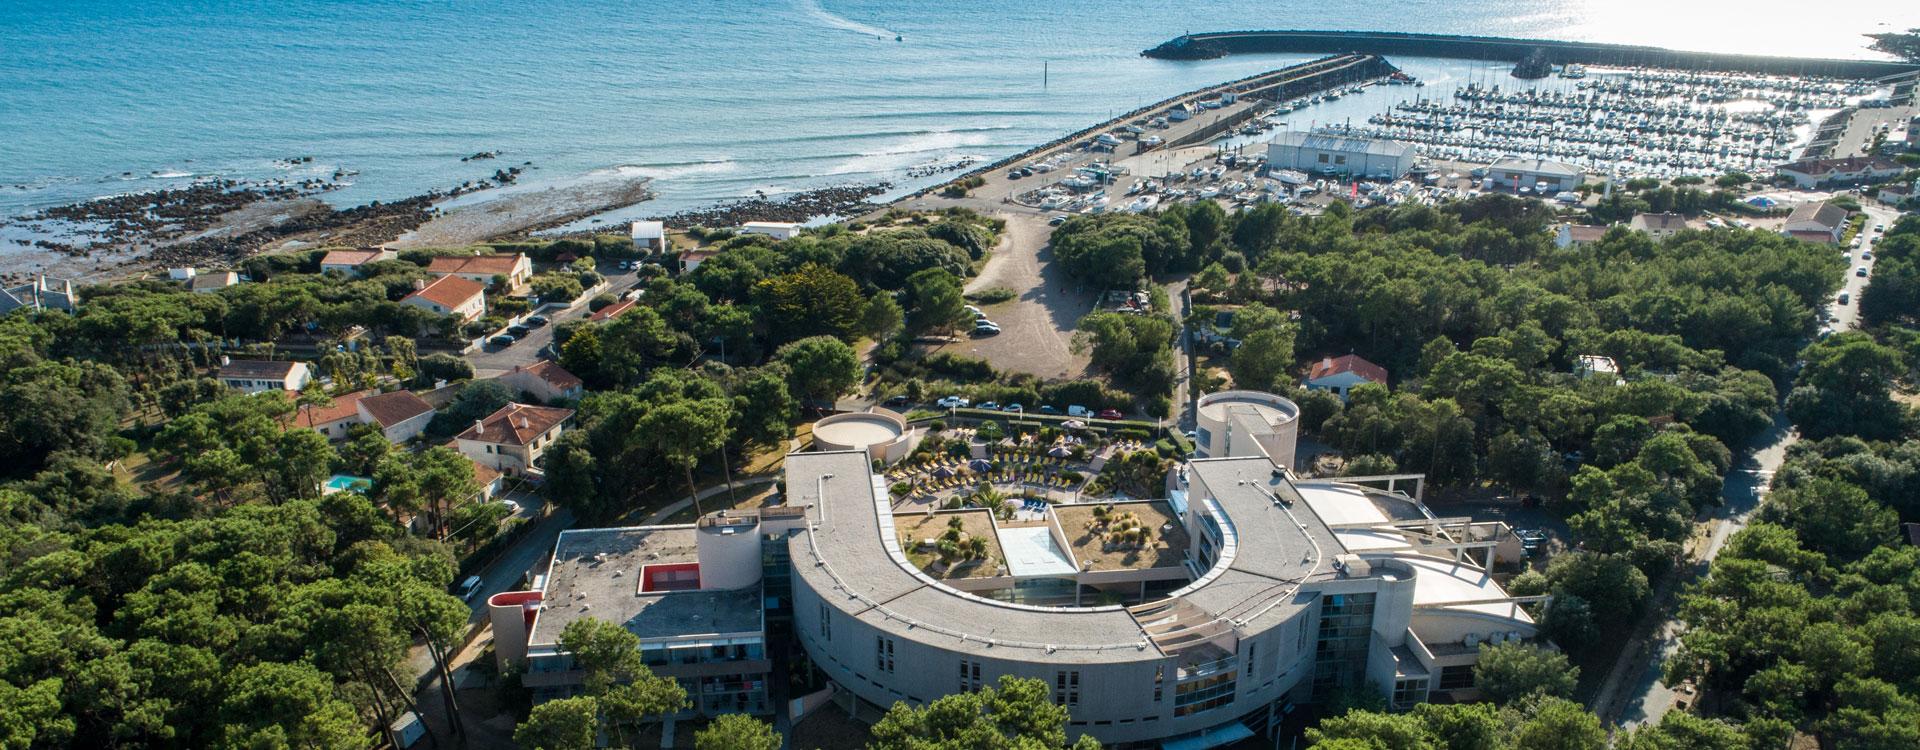 Ressourcez vos équipes au bord de l'océan en leur proposant un séjour à l'hôtel Les Jardins de l'Atlantique, Vacances Bleues Business